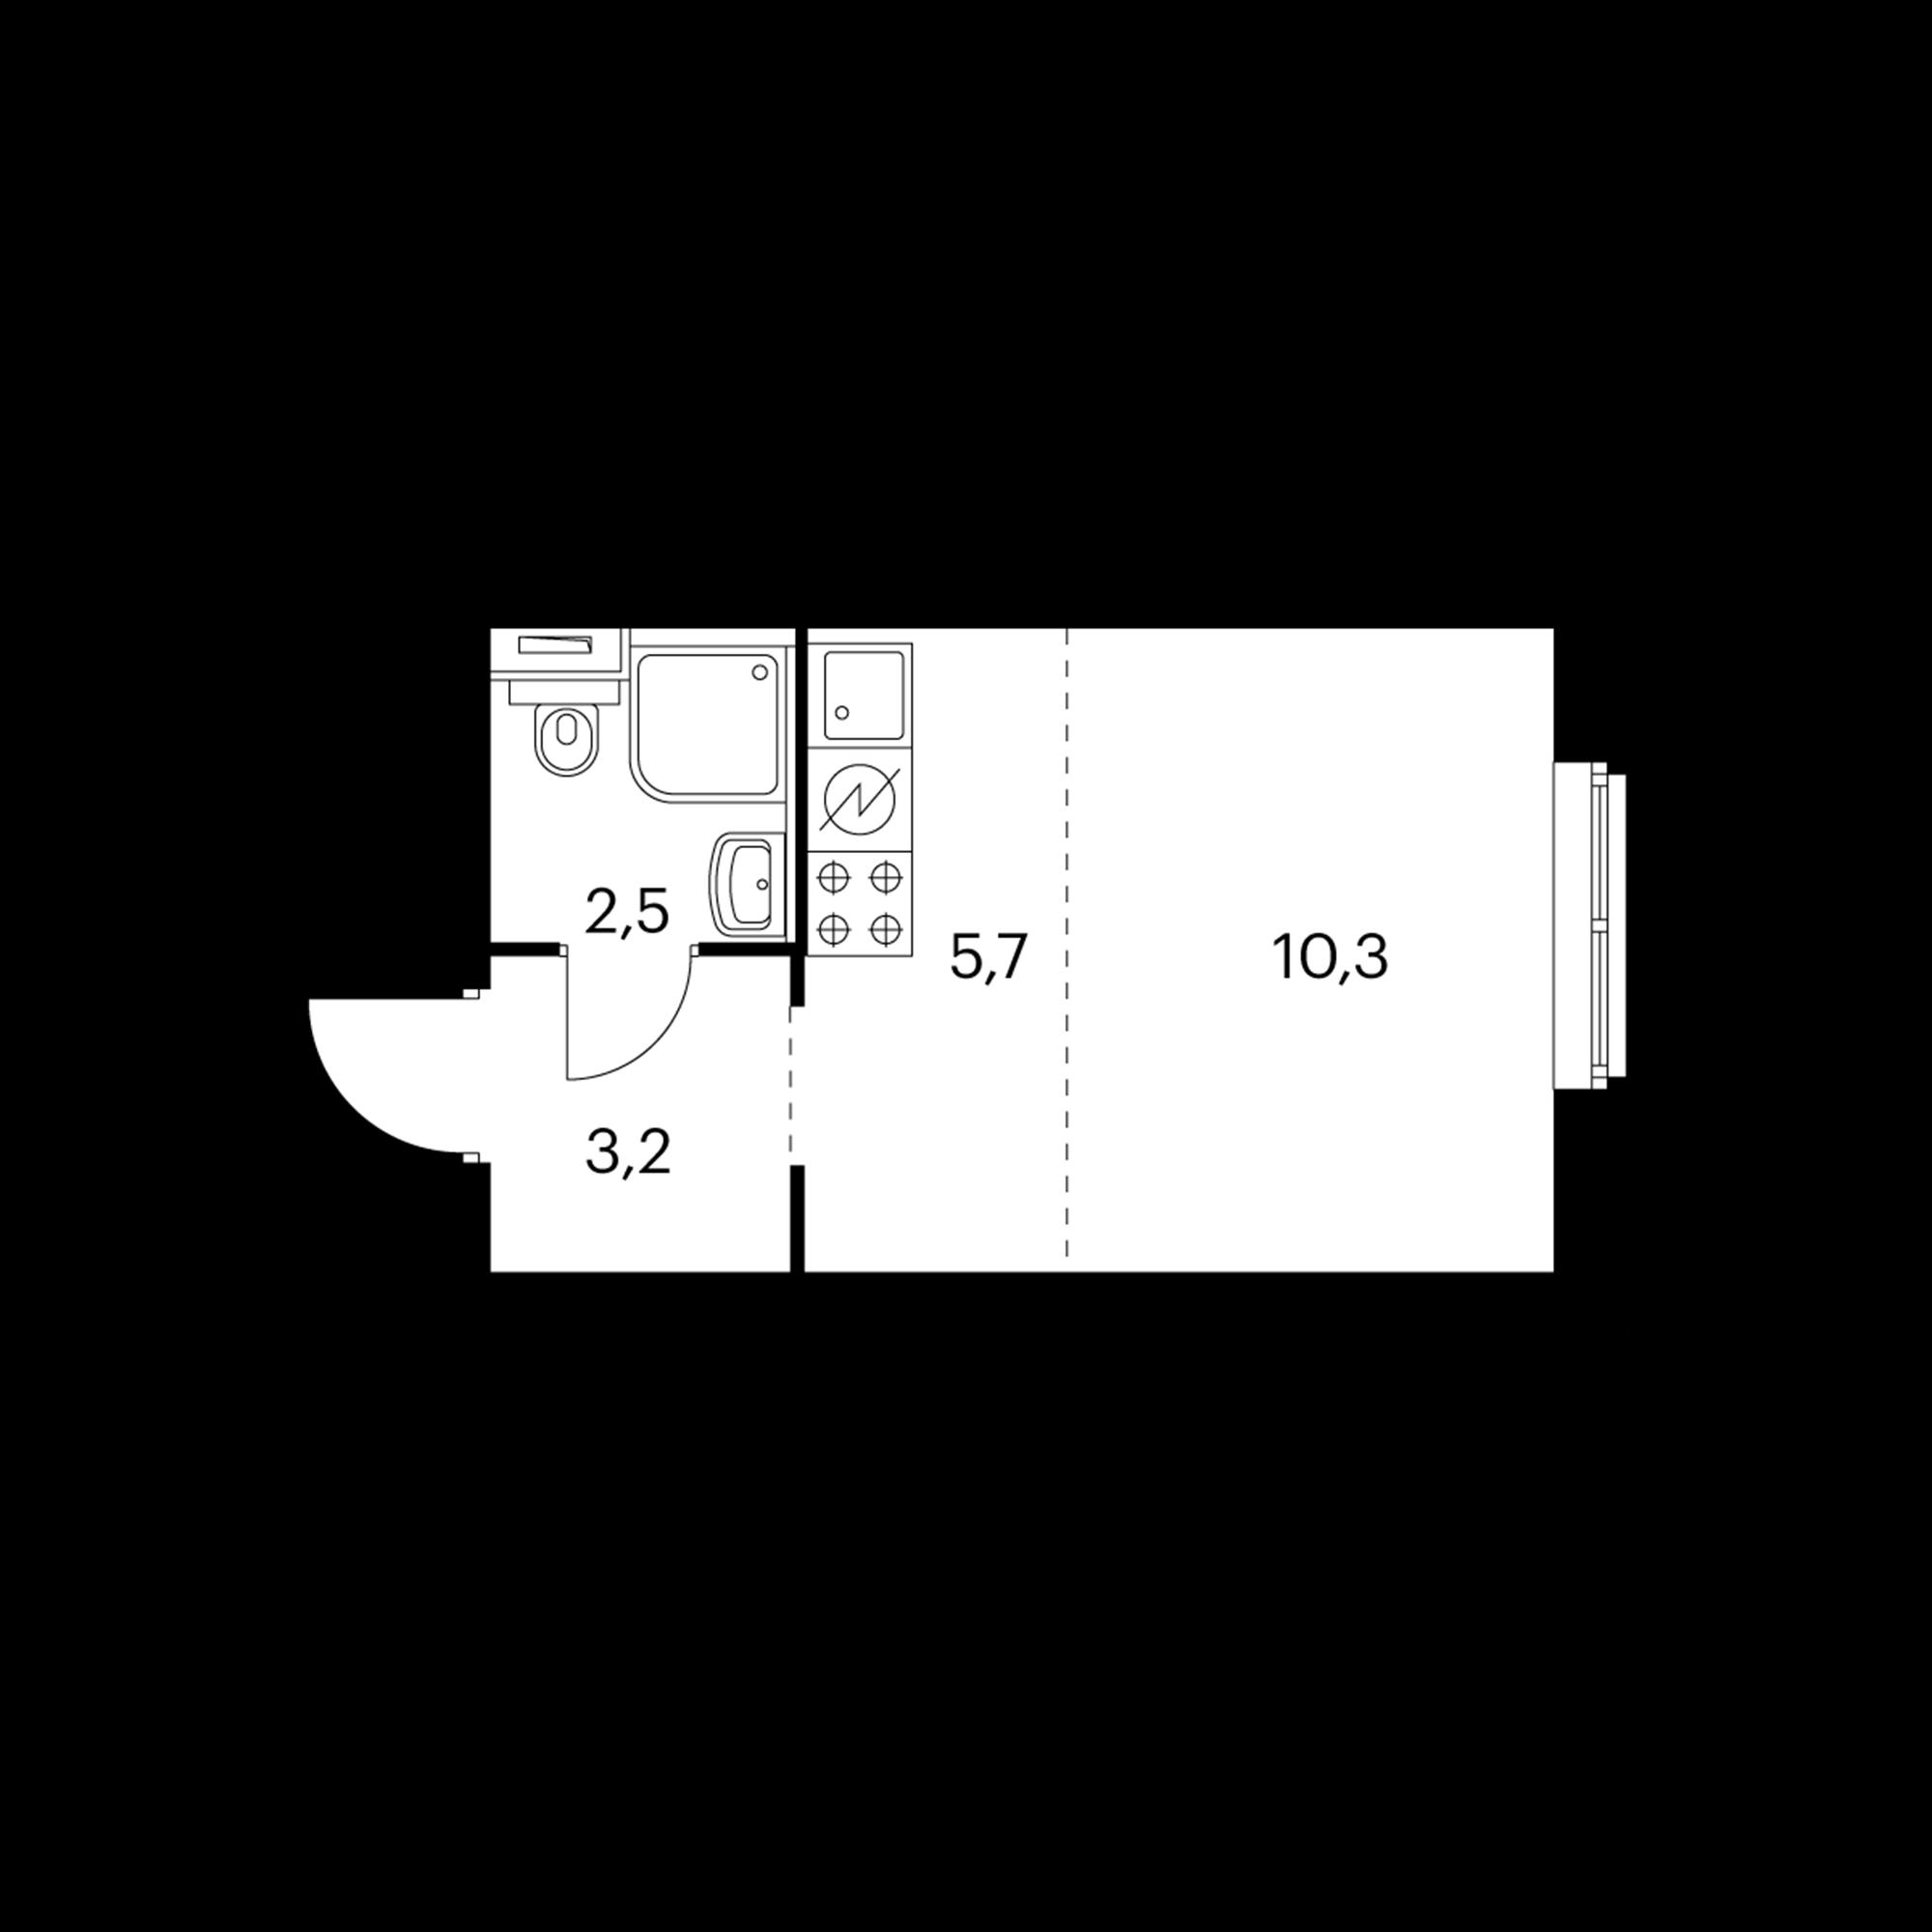 1NS1_3.9-1_S_A1